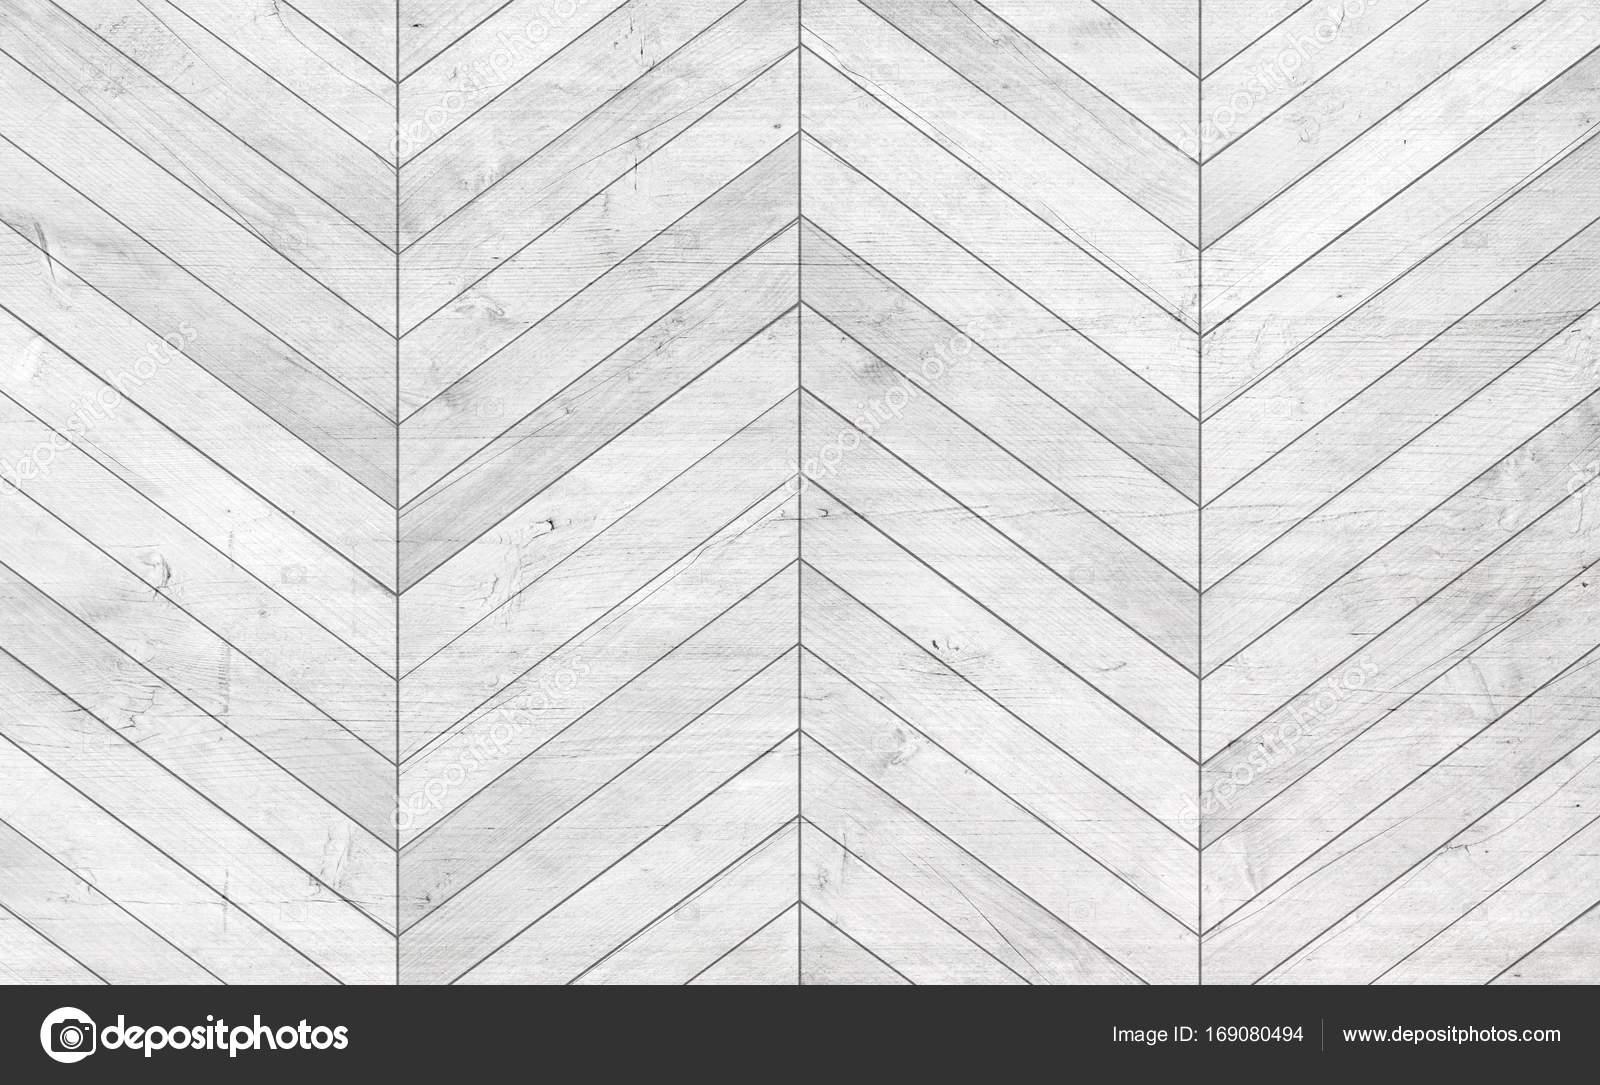 Herringbone parquet madera gris natural textura de madera - Parquet de madera natural ...